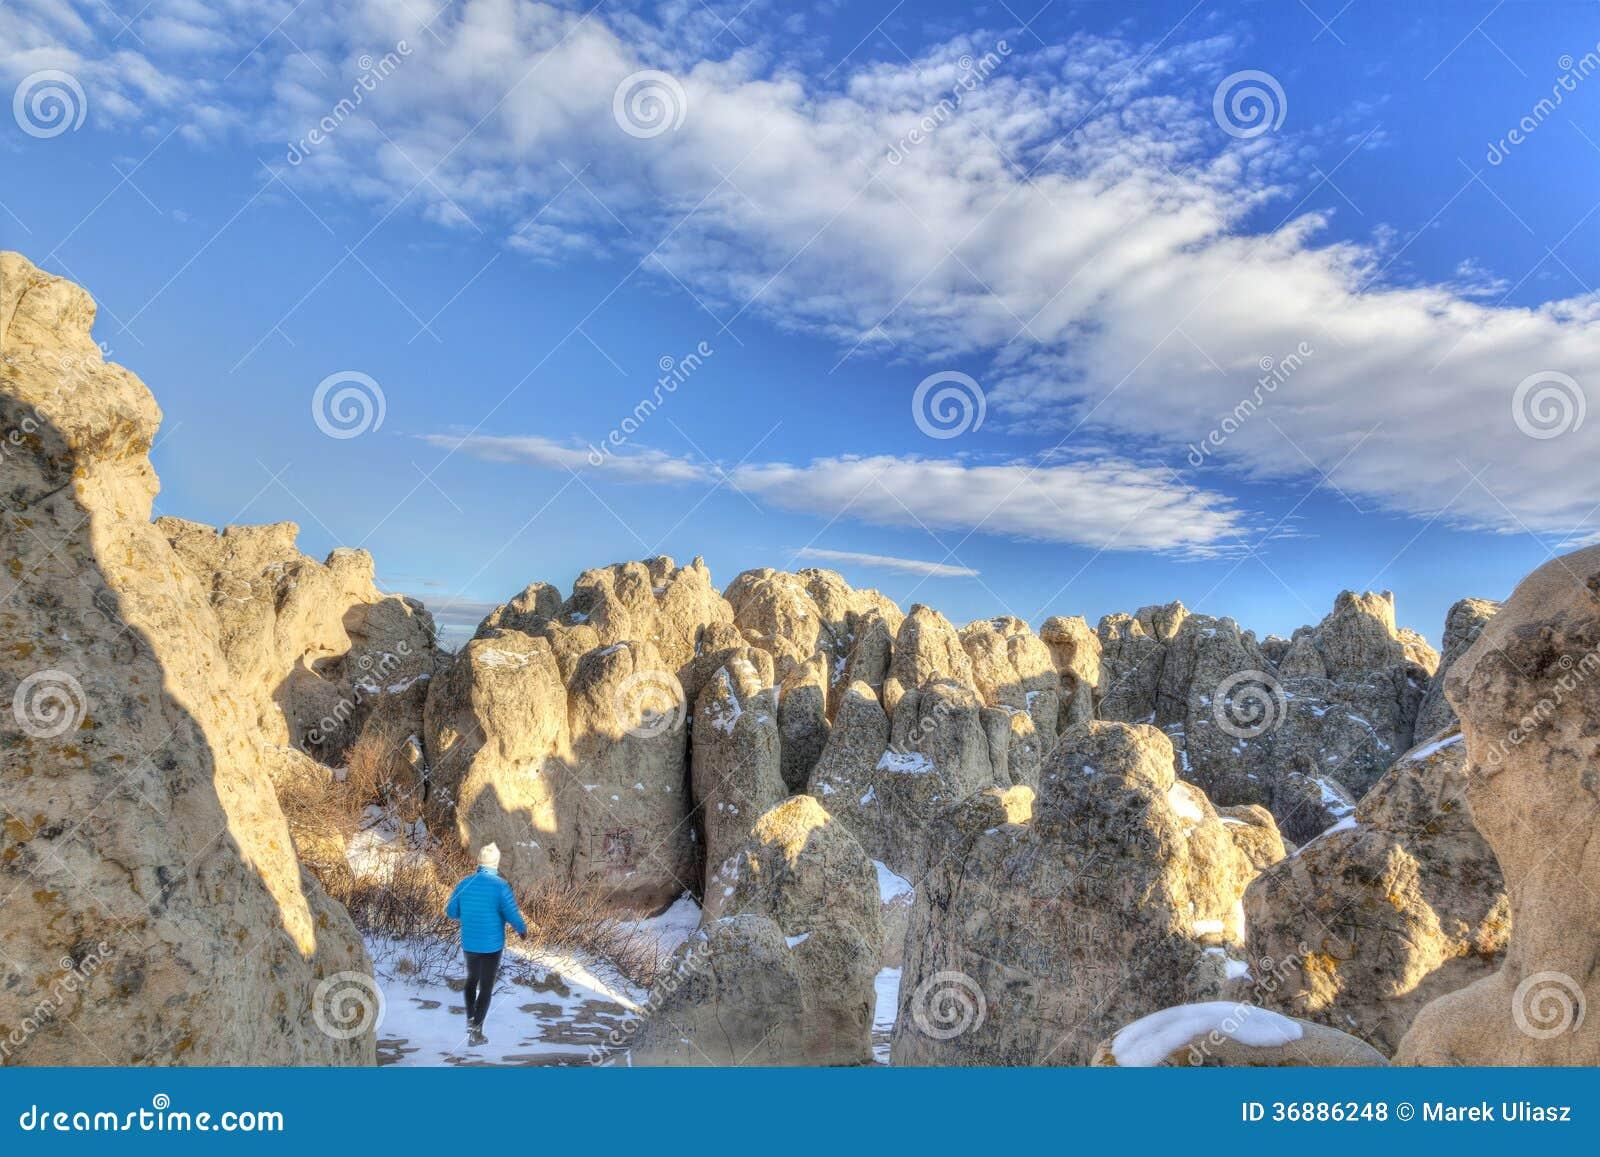 Download Viandante Nella Formazione Rocciosa Forte Naturale Fotografia Stock - Immagine di storico, forte: 36886248